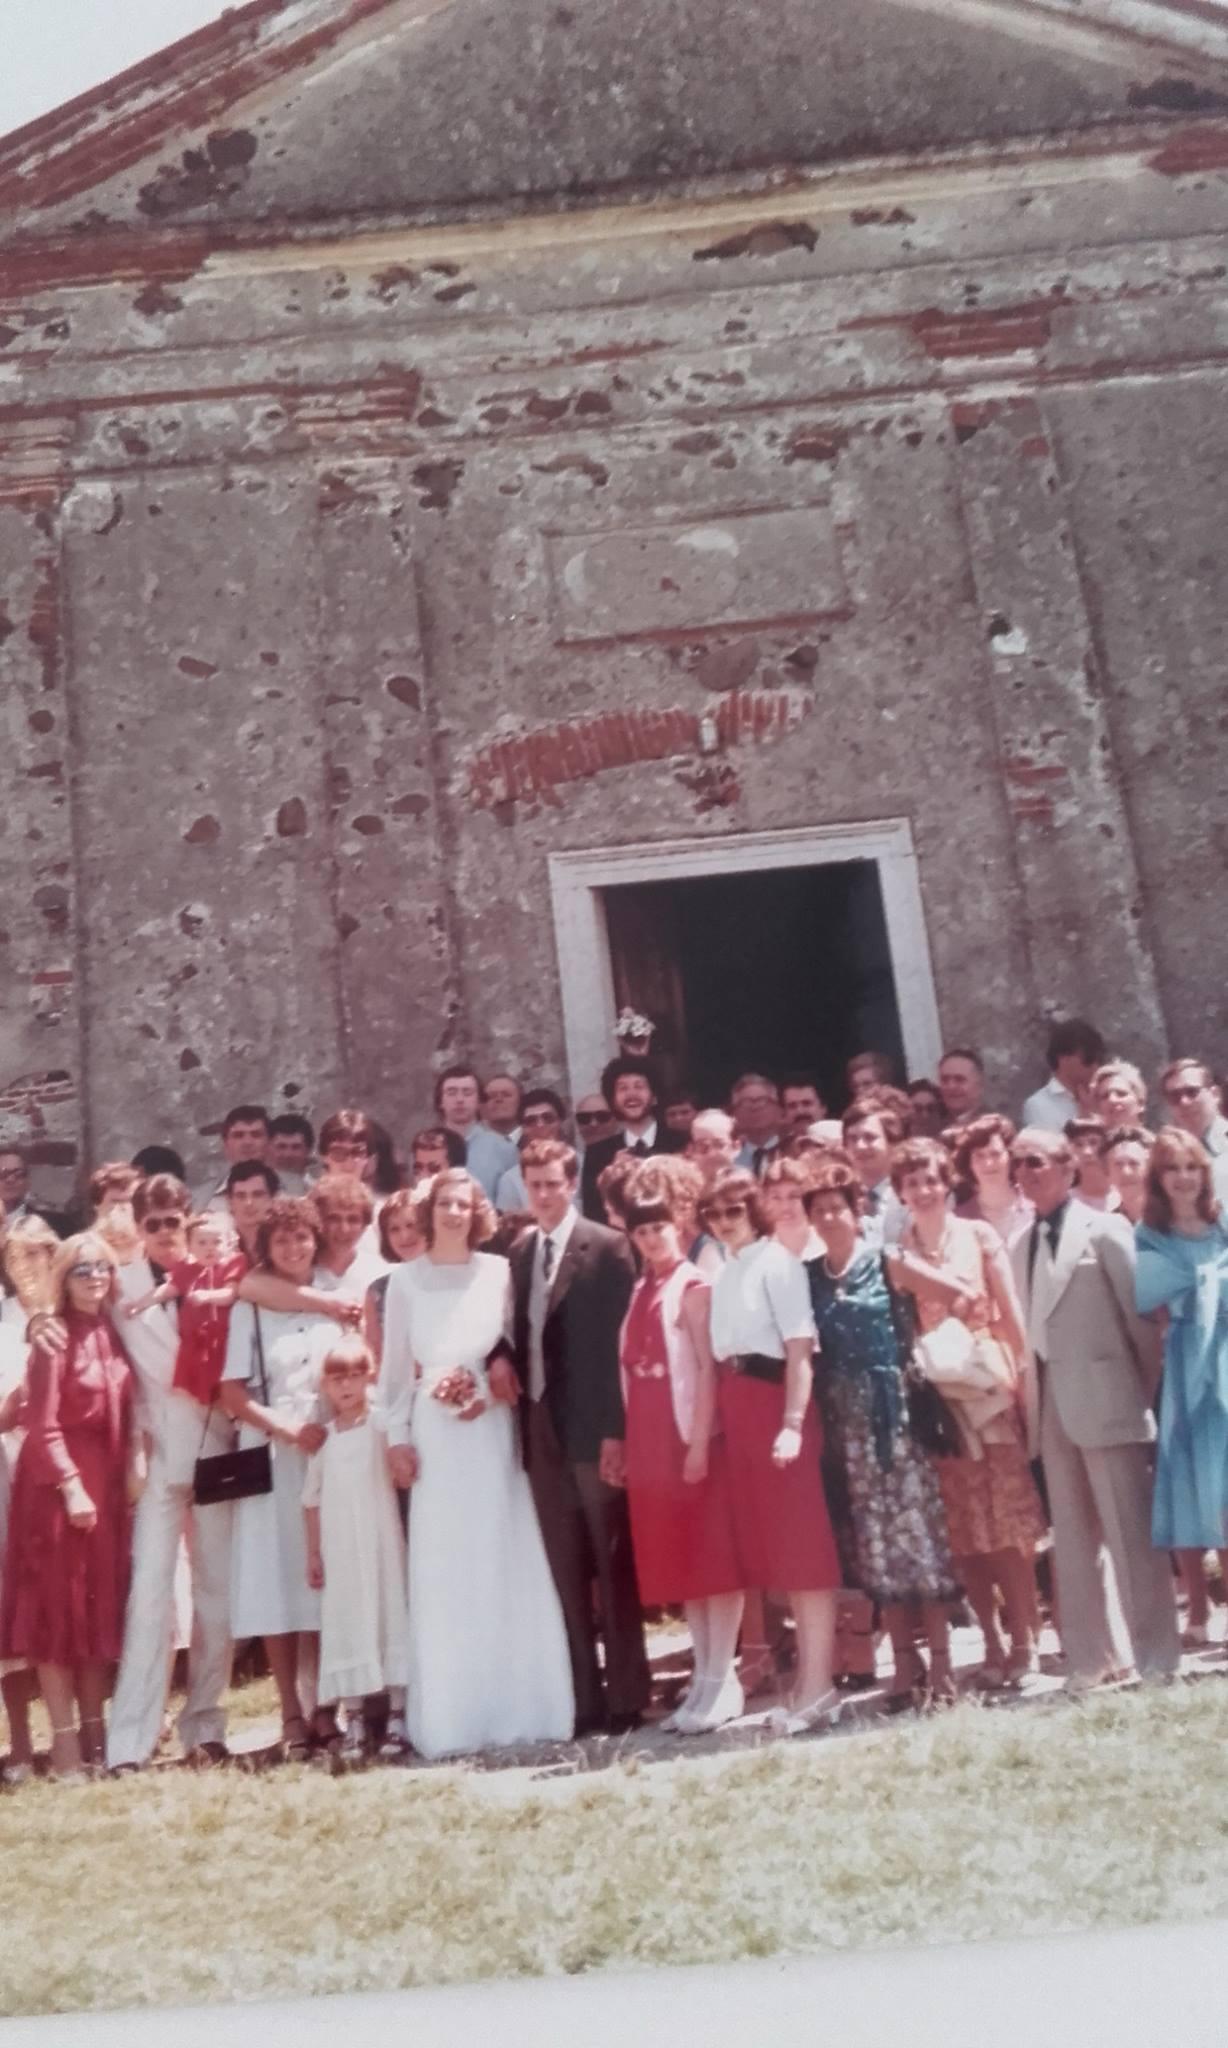 Mauro e Marilia, 4 Luglio 1981 - Foto di gruppo